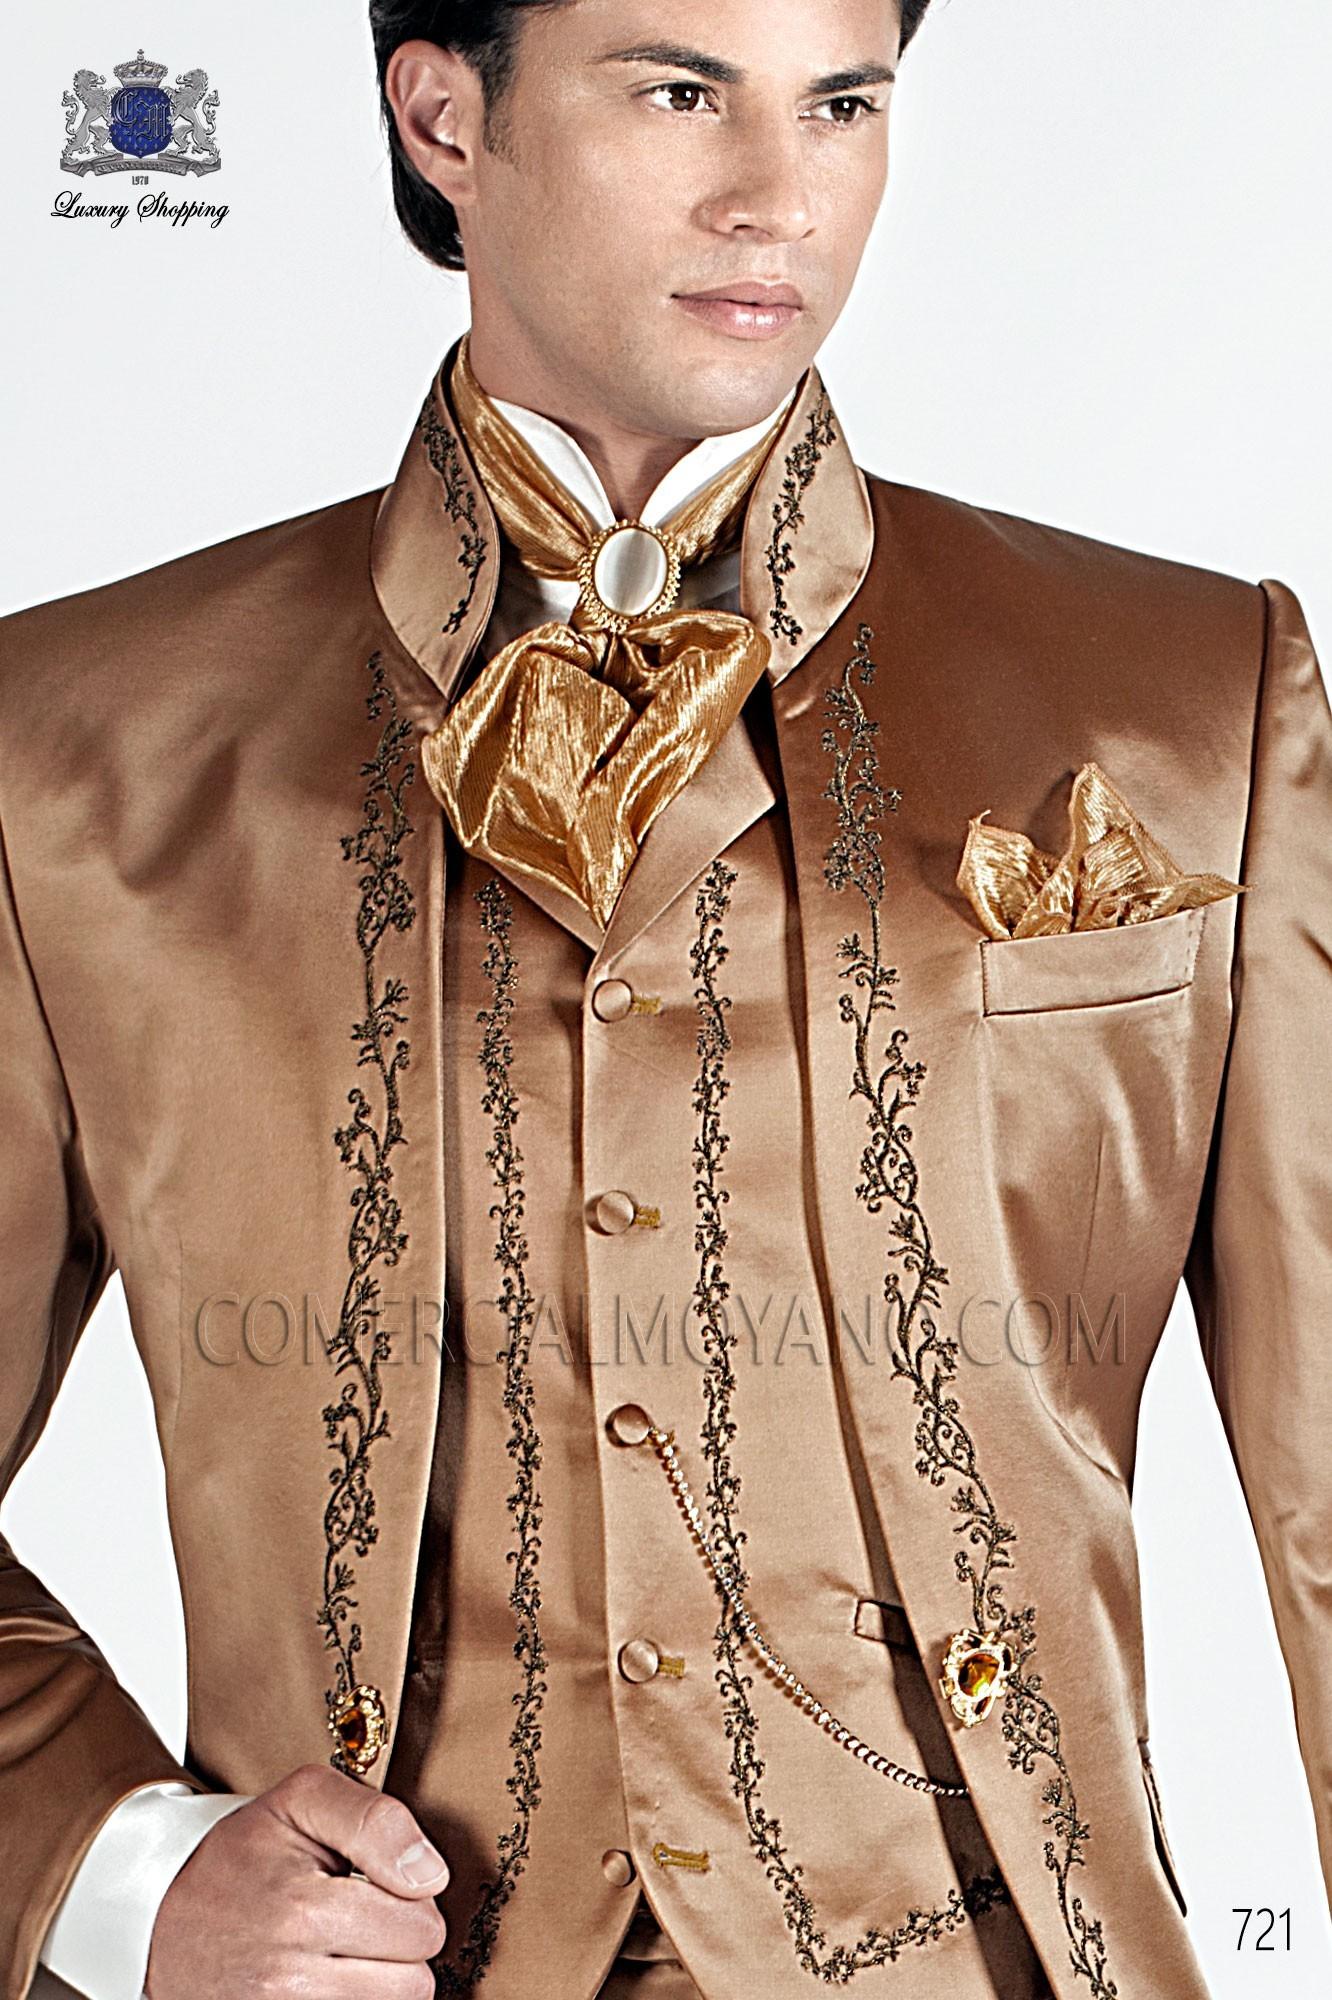 Traje barroco de novio oro viejo modelo: 721 Ottavio Nuccio Gala colección 2017 Barroco